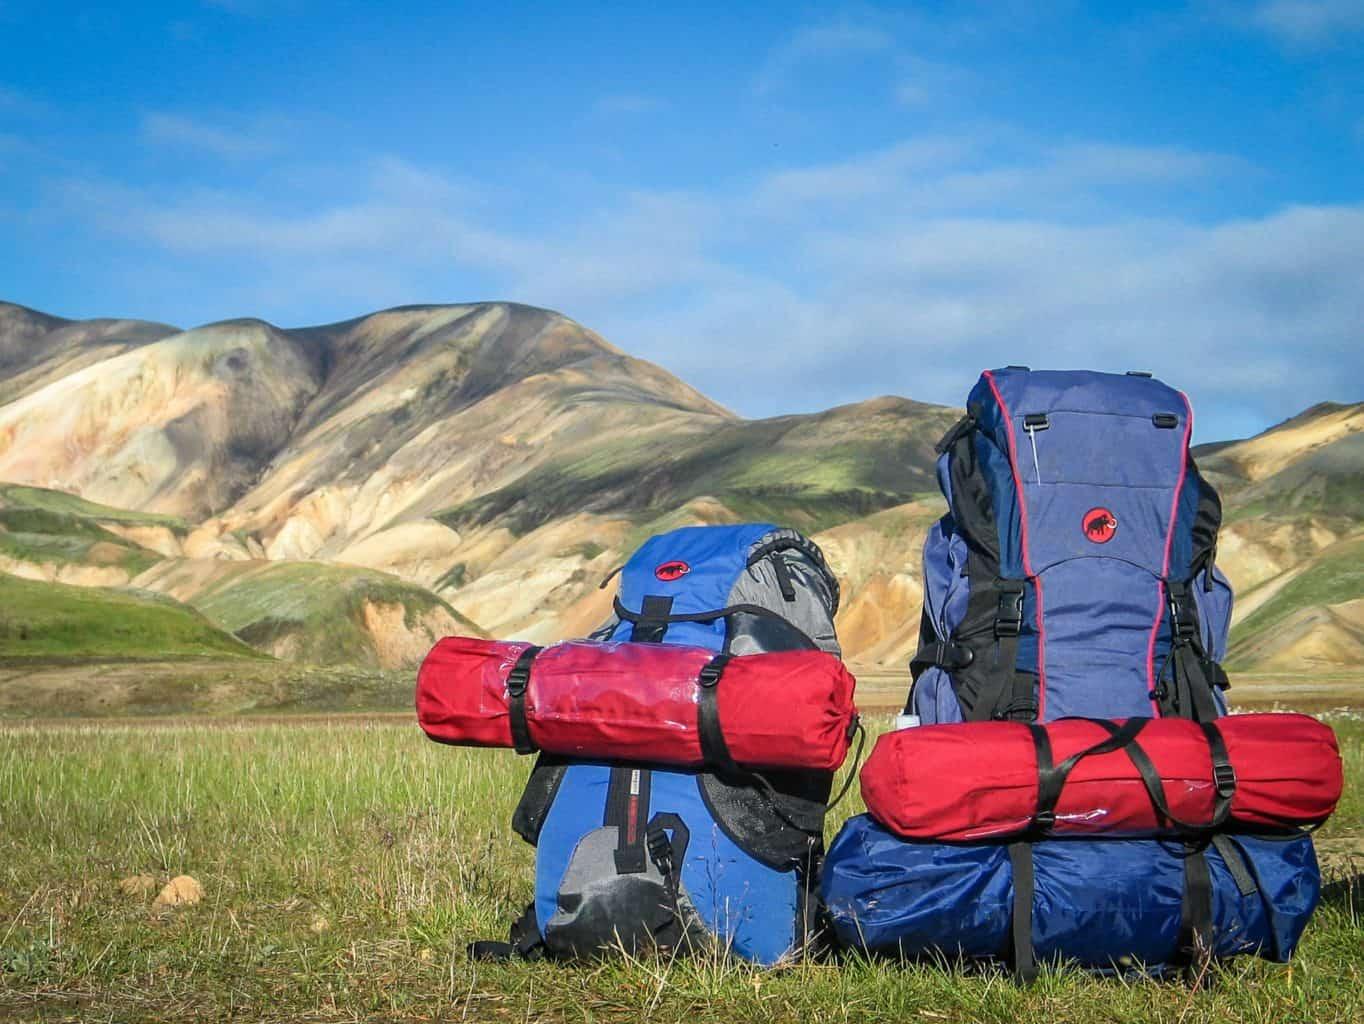 Hiking backpacks